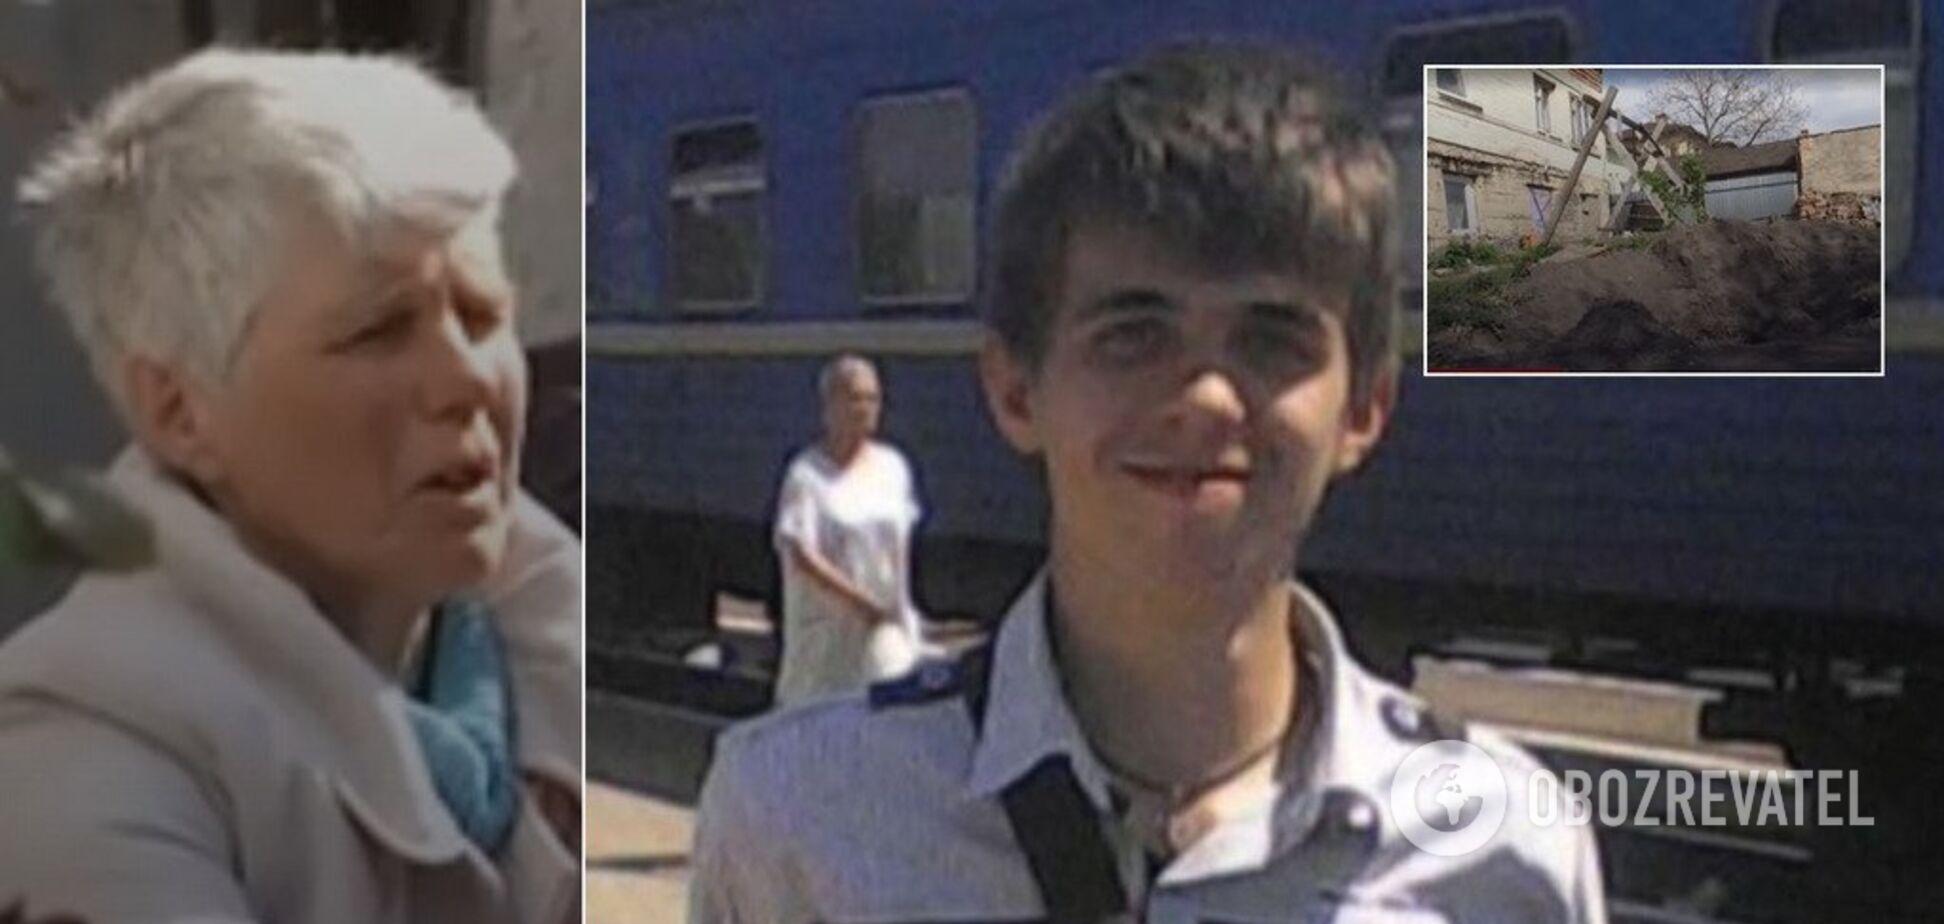 Избивали 3,5 часа: зачем трое подростков зверски убили 'друга' на Львовщине